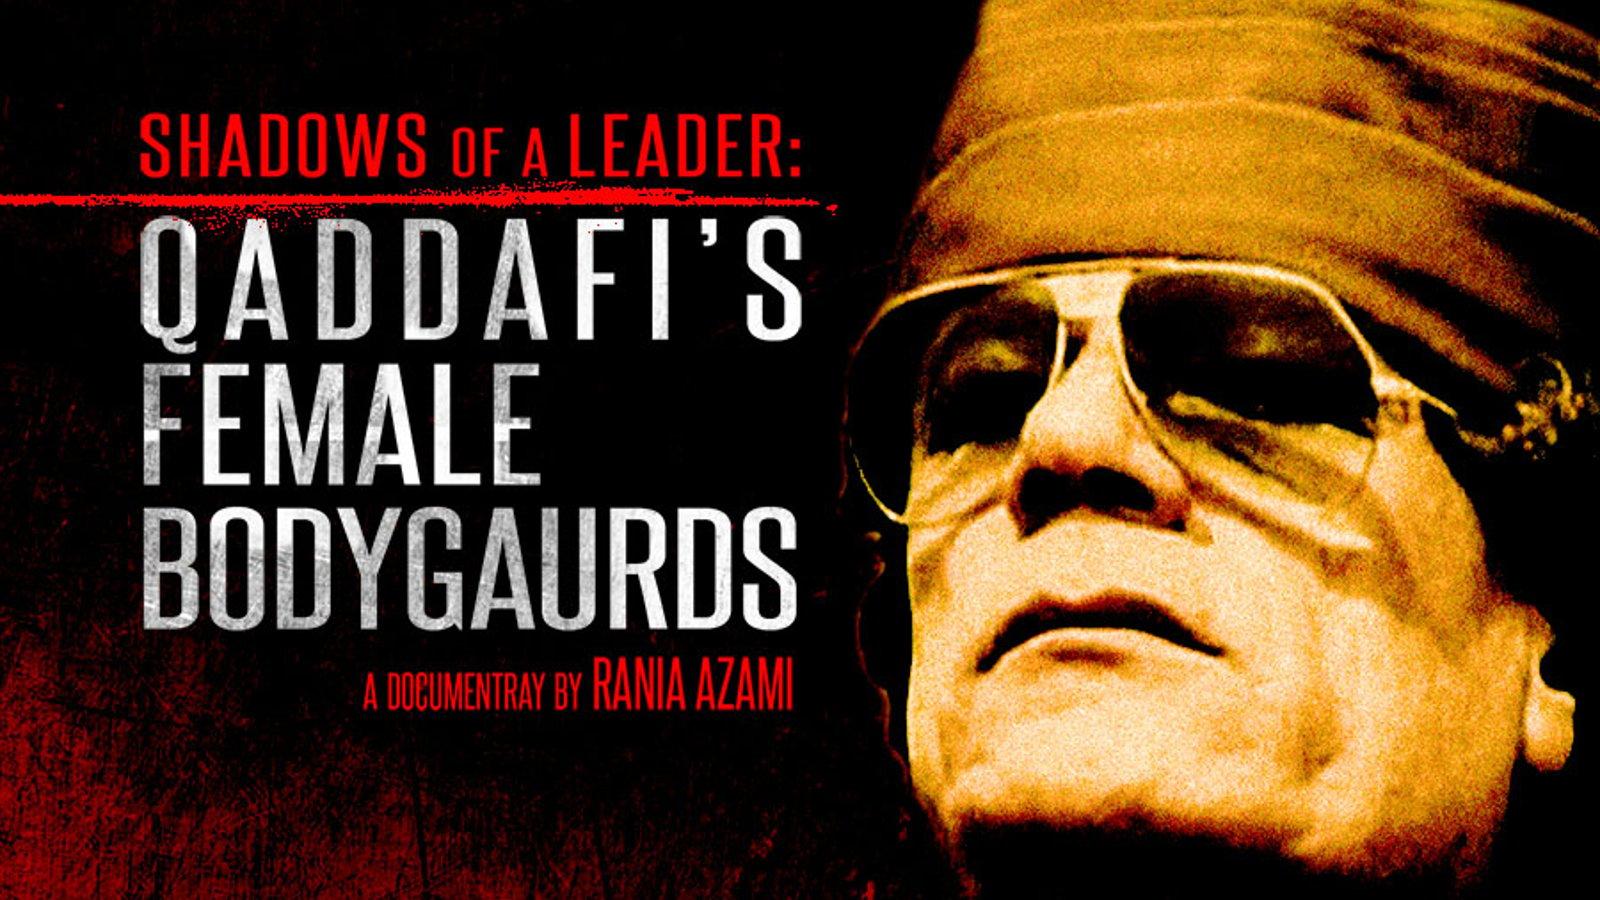 Shadows of a Leader - Qaddafi's Female Bodyguards